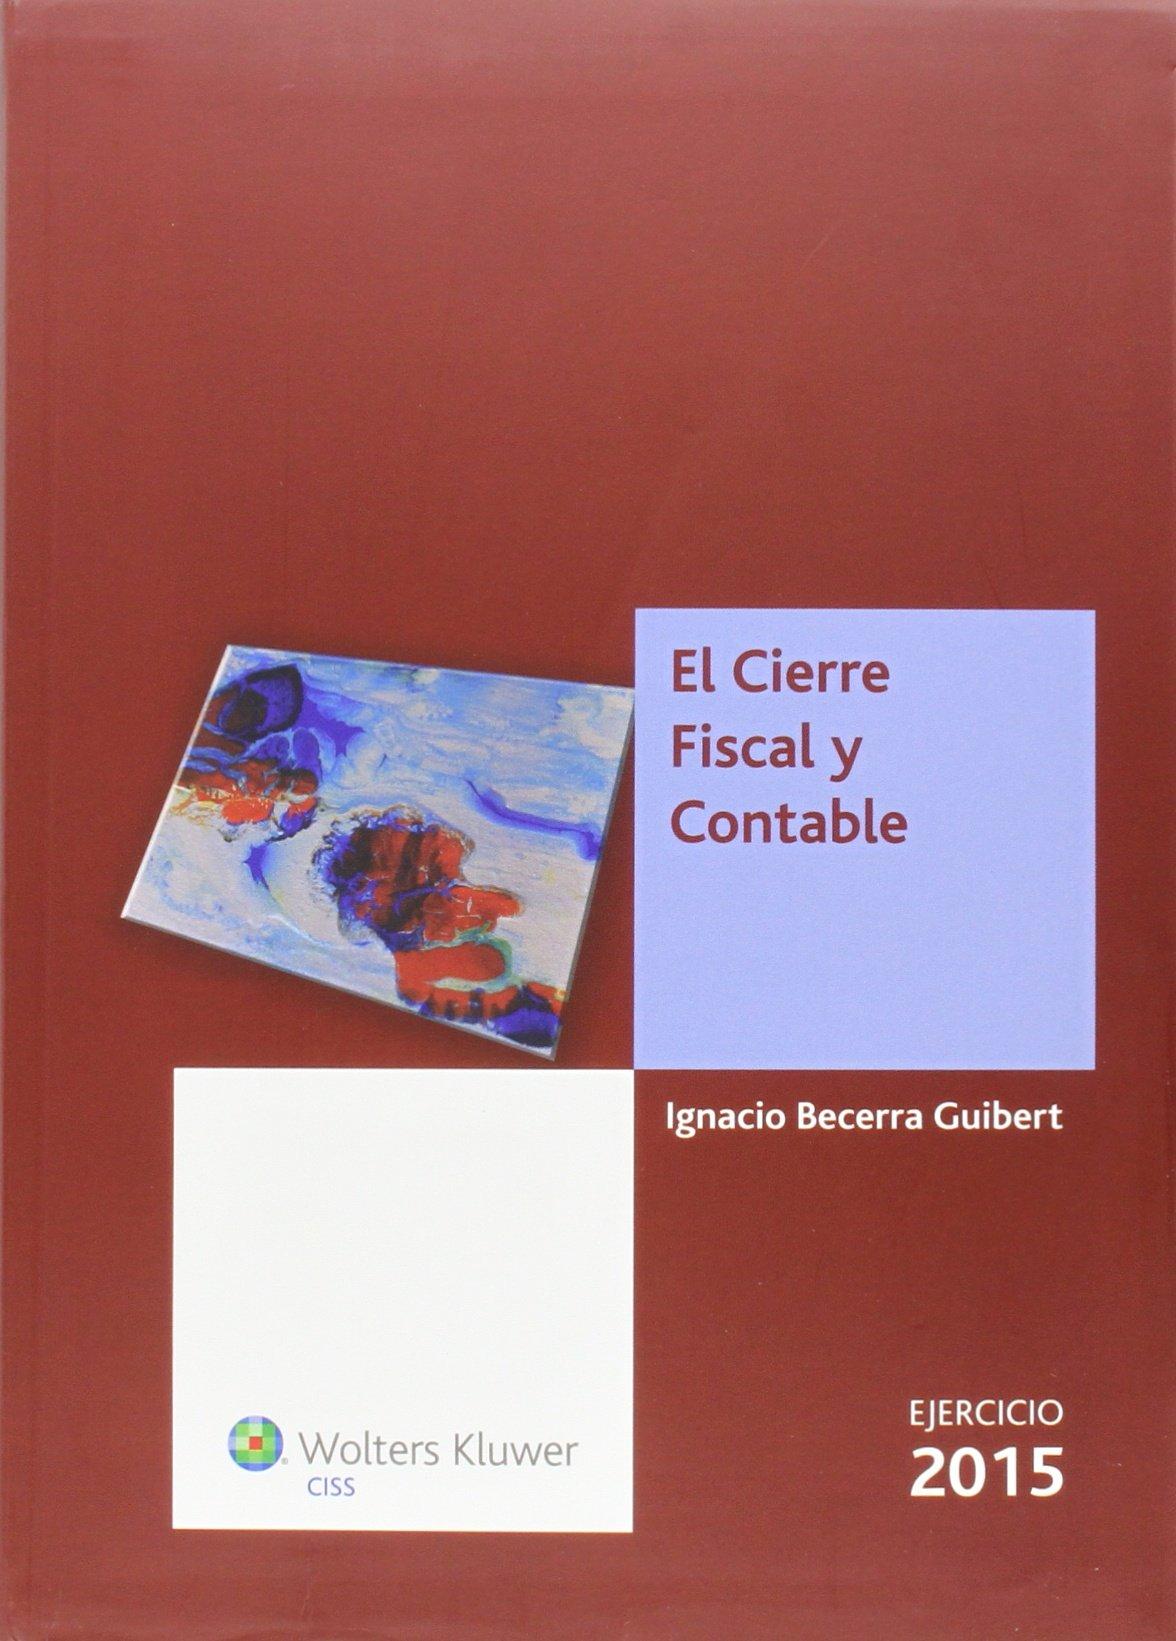 Cierre Fiscal Y Contable,El 2015: Amazon.es: Ignacio Becerra Guibert: Libros